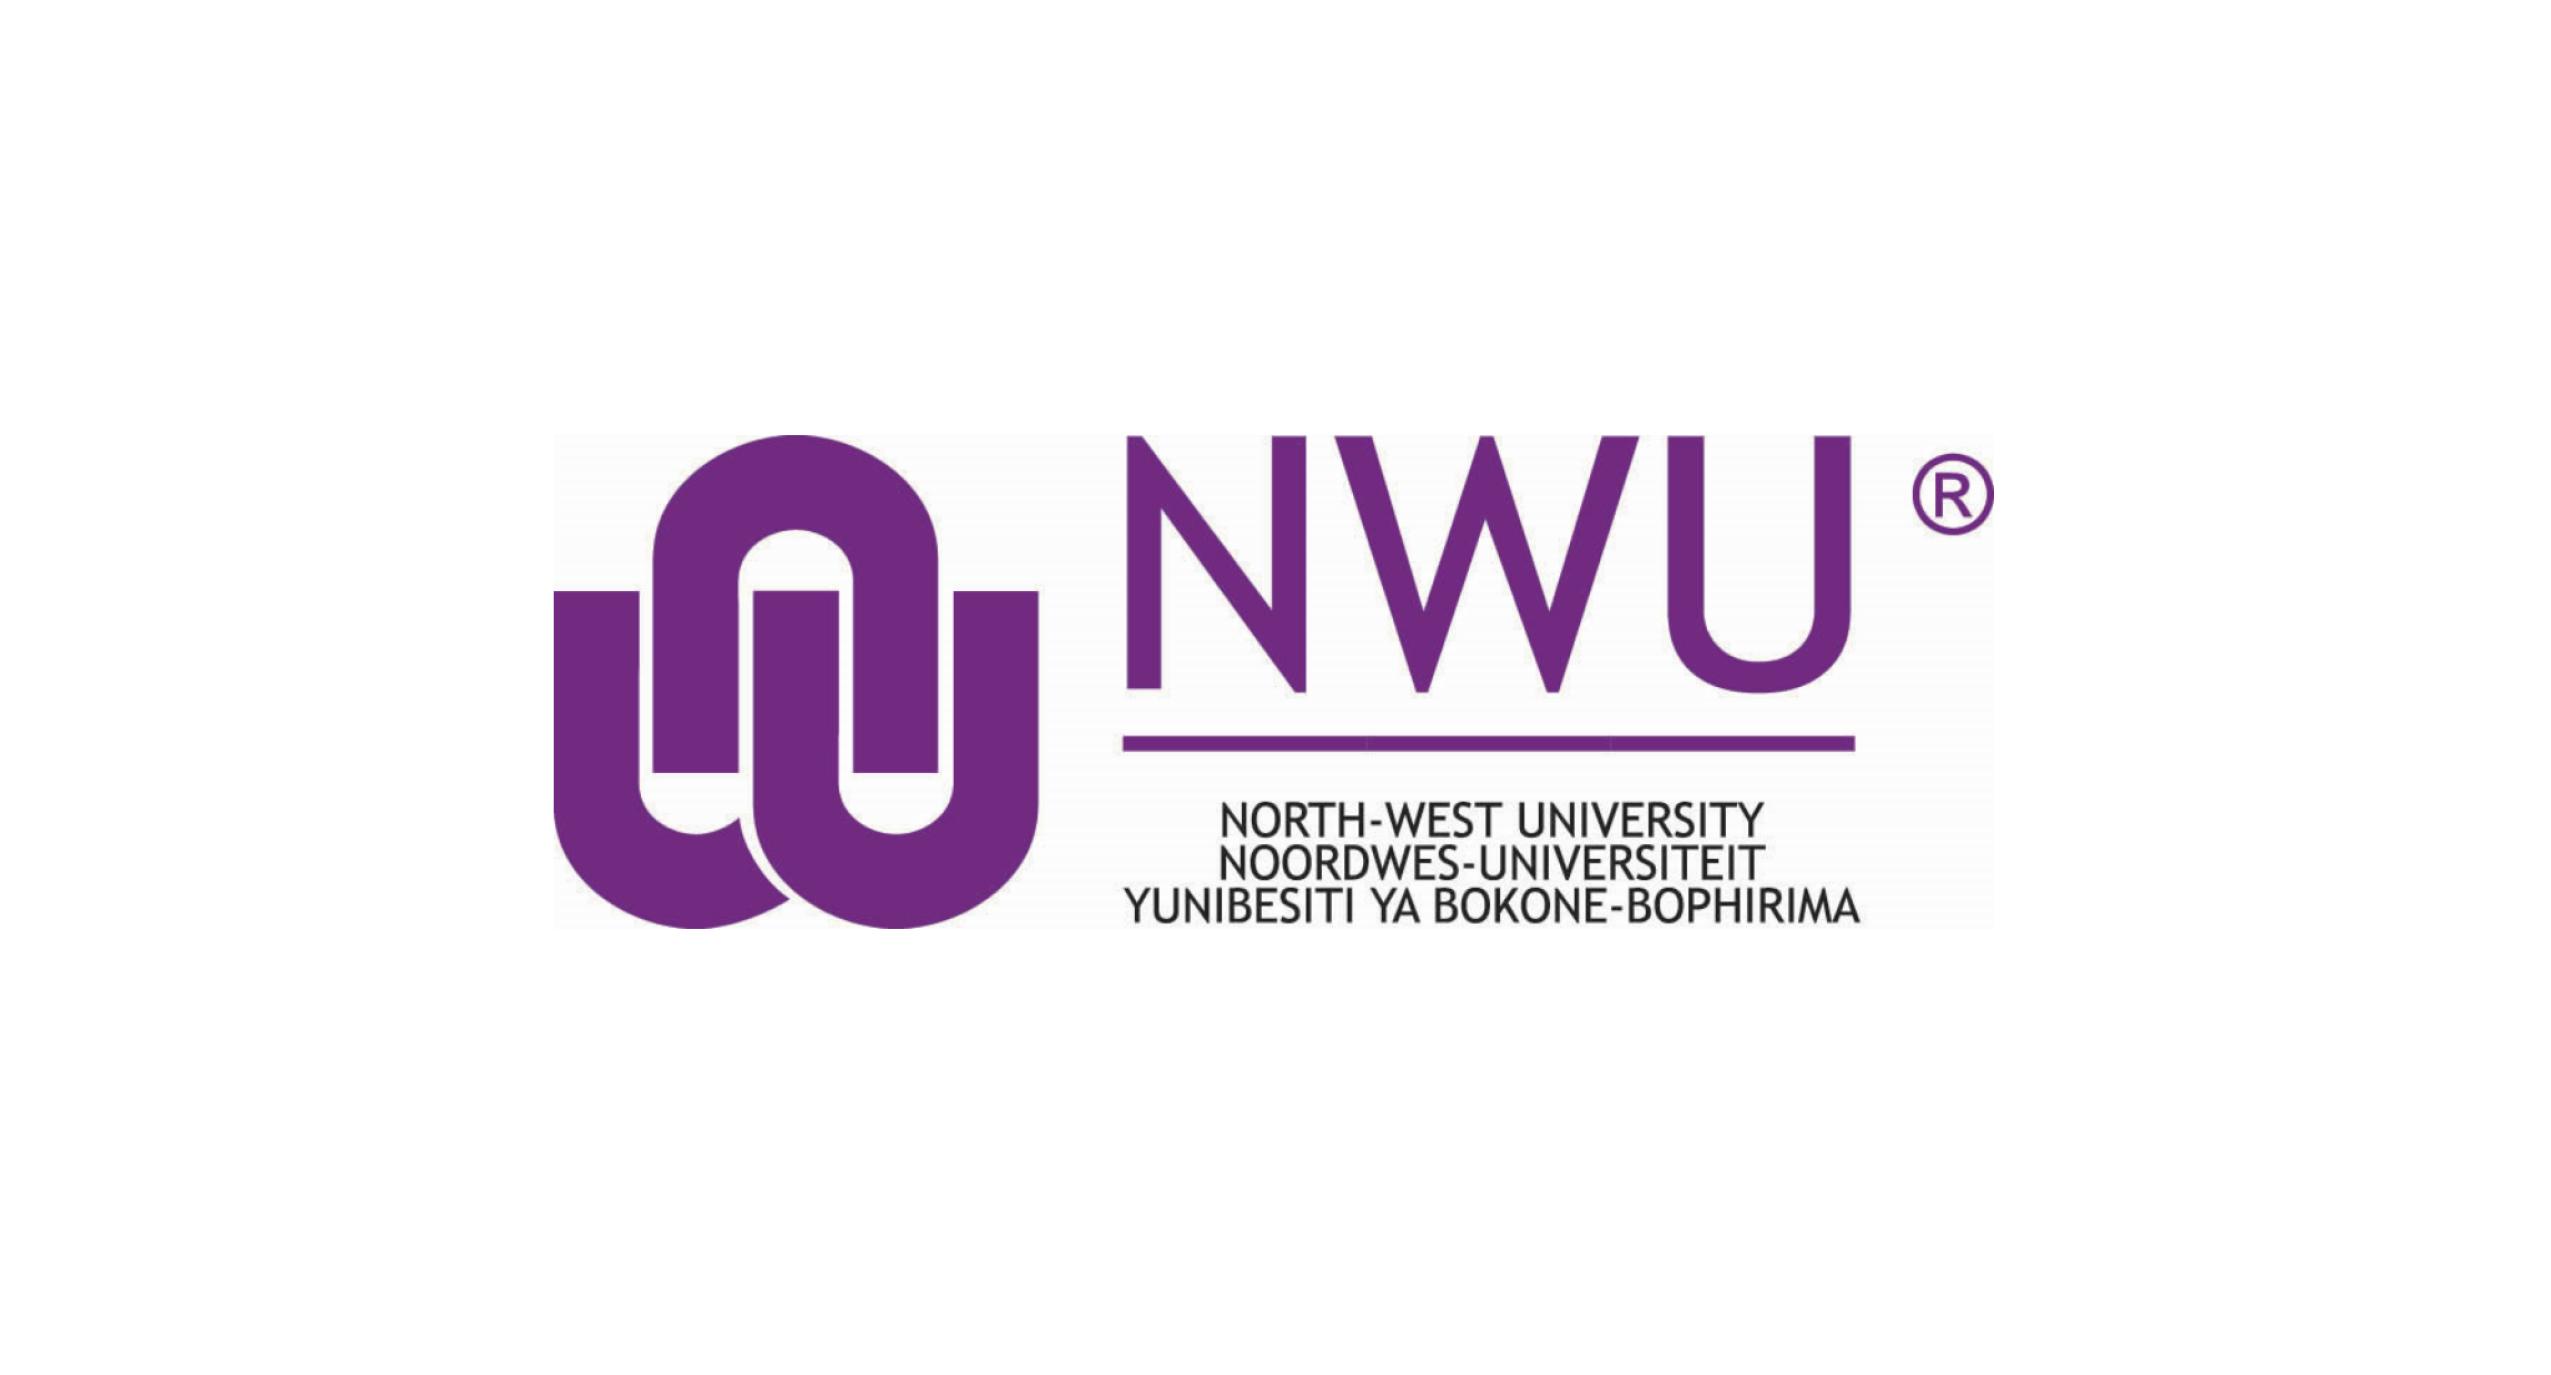 North-West University NWU logo